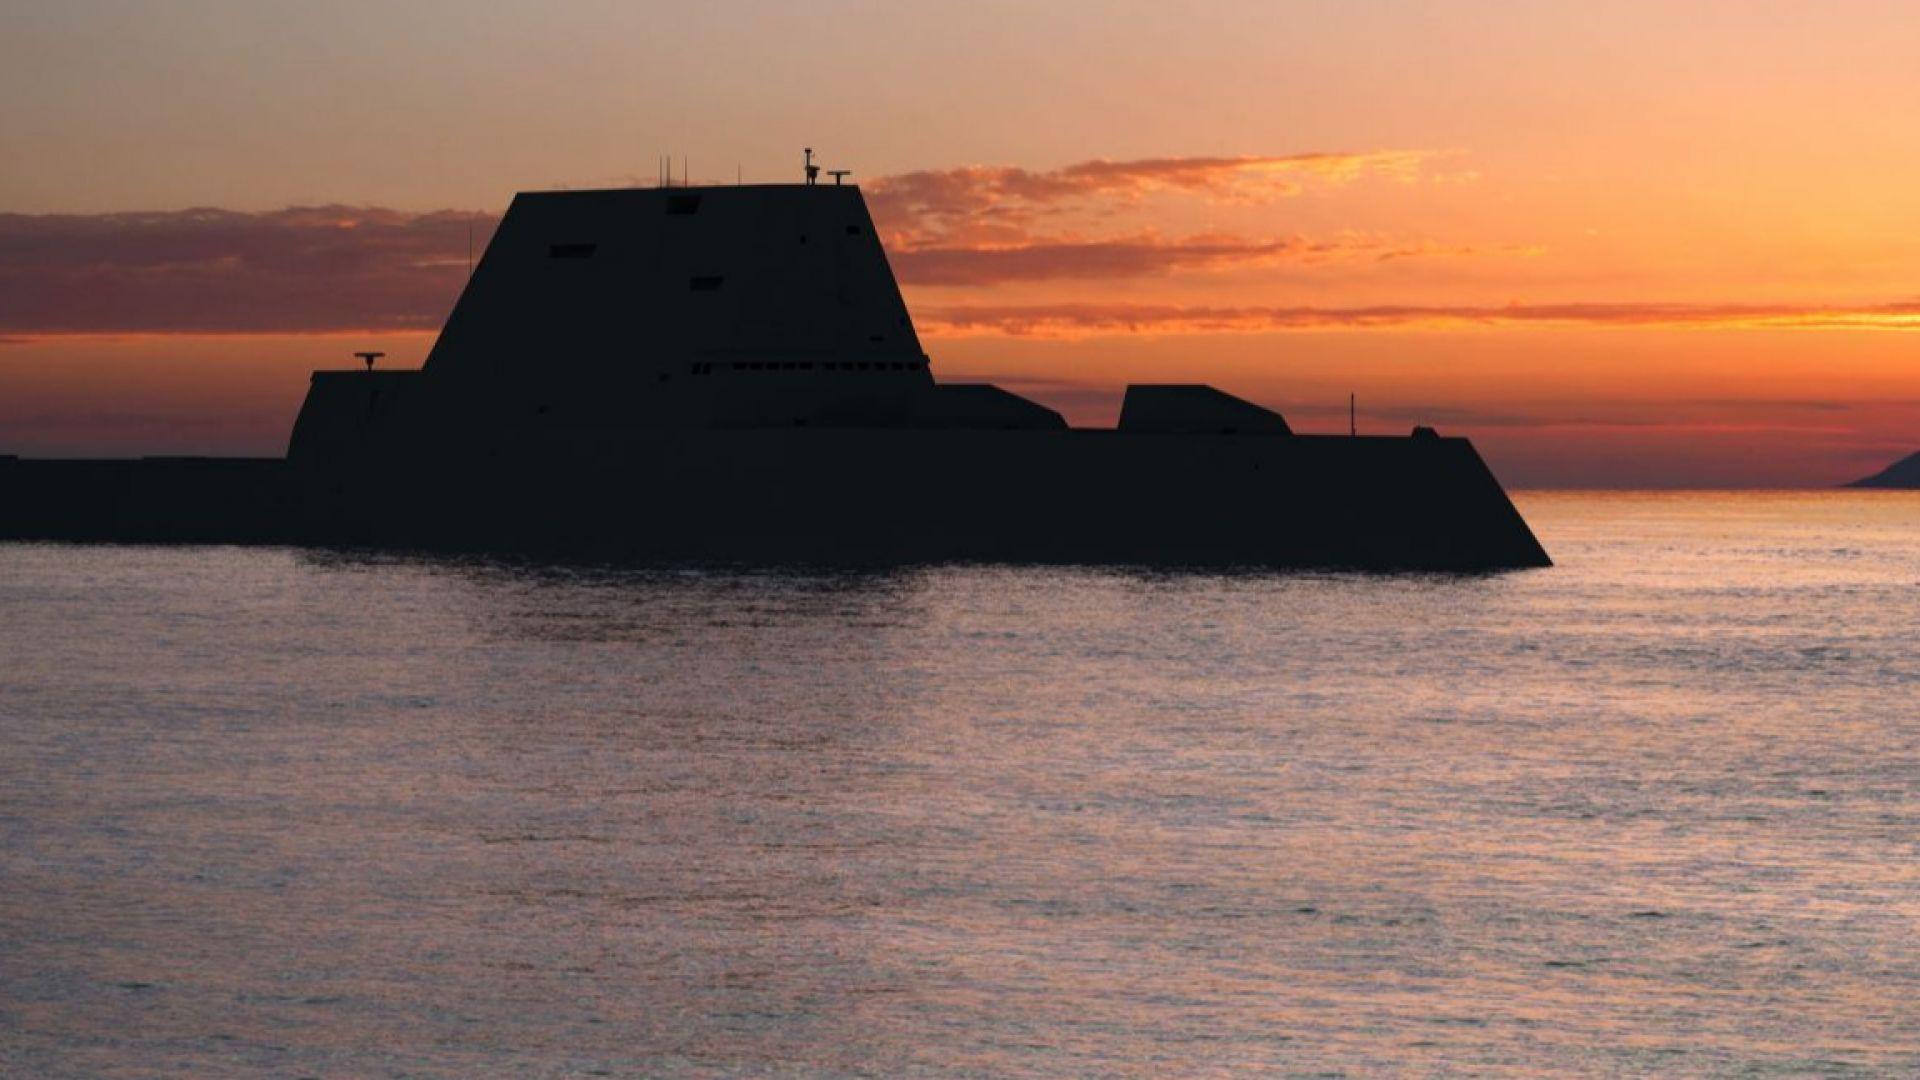 САЩ разположиха за първи път ядрено оръжие със слаба мощност на подводница